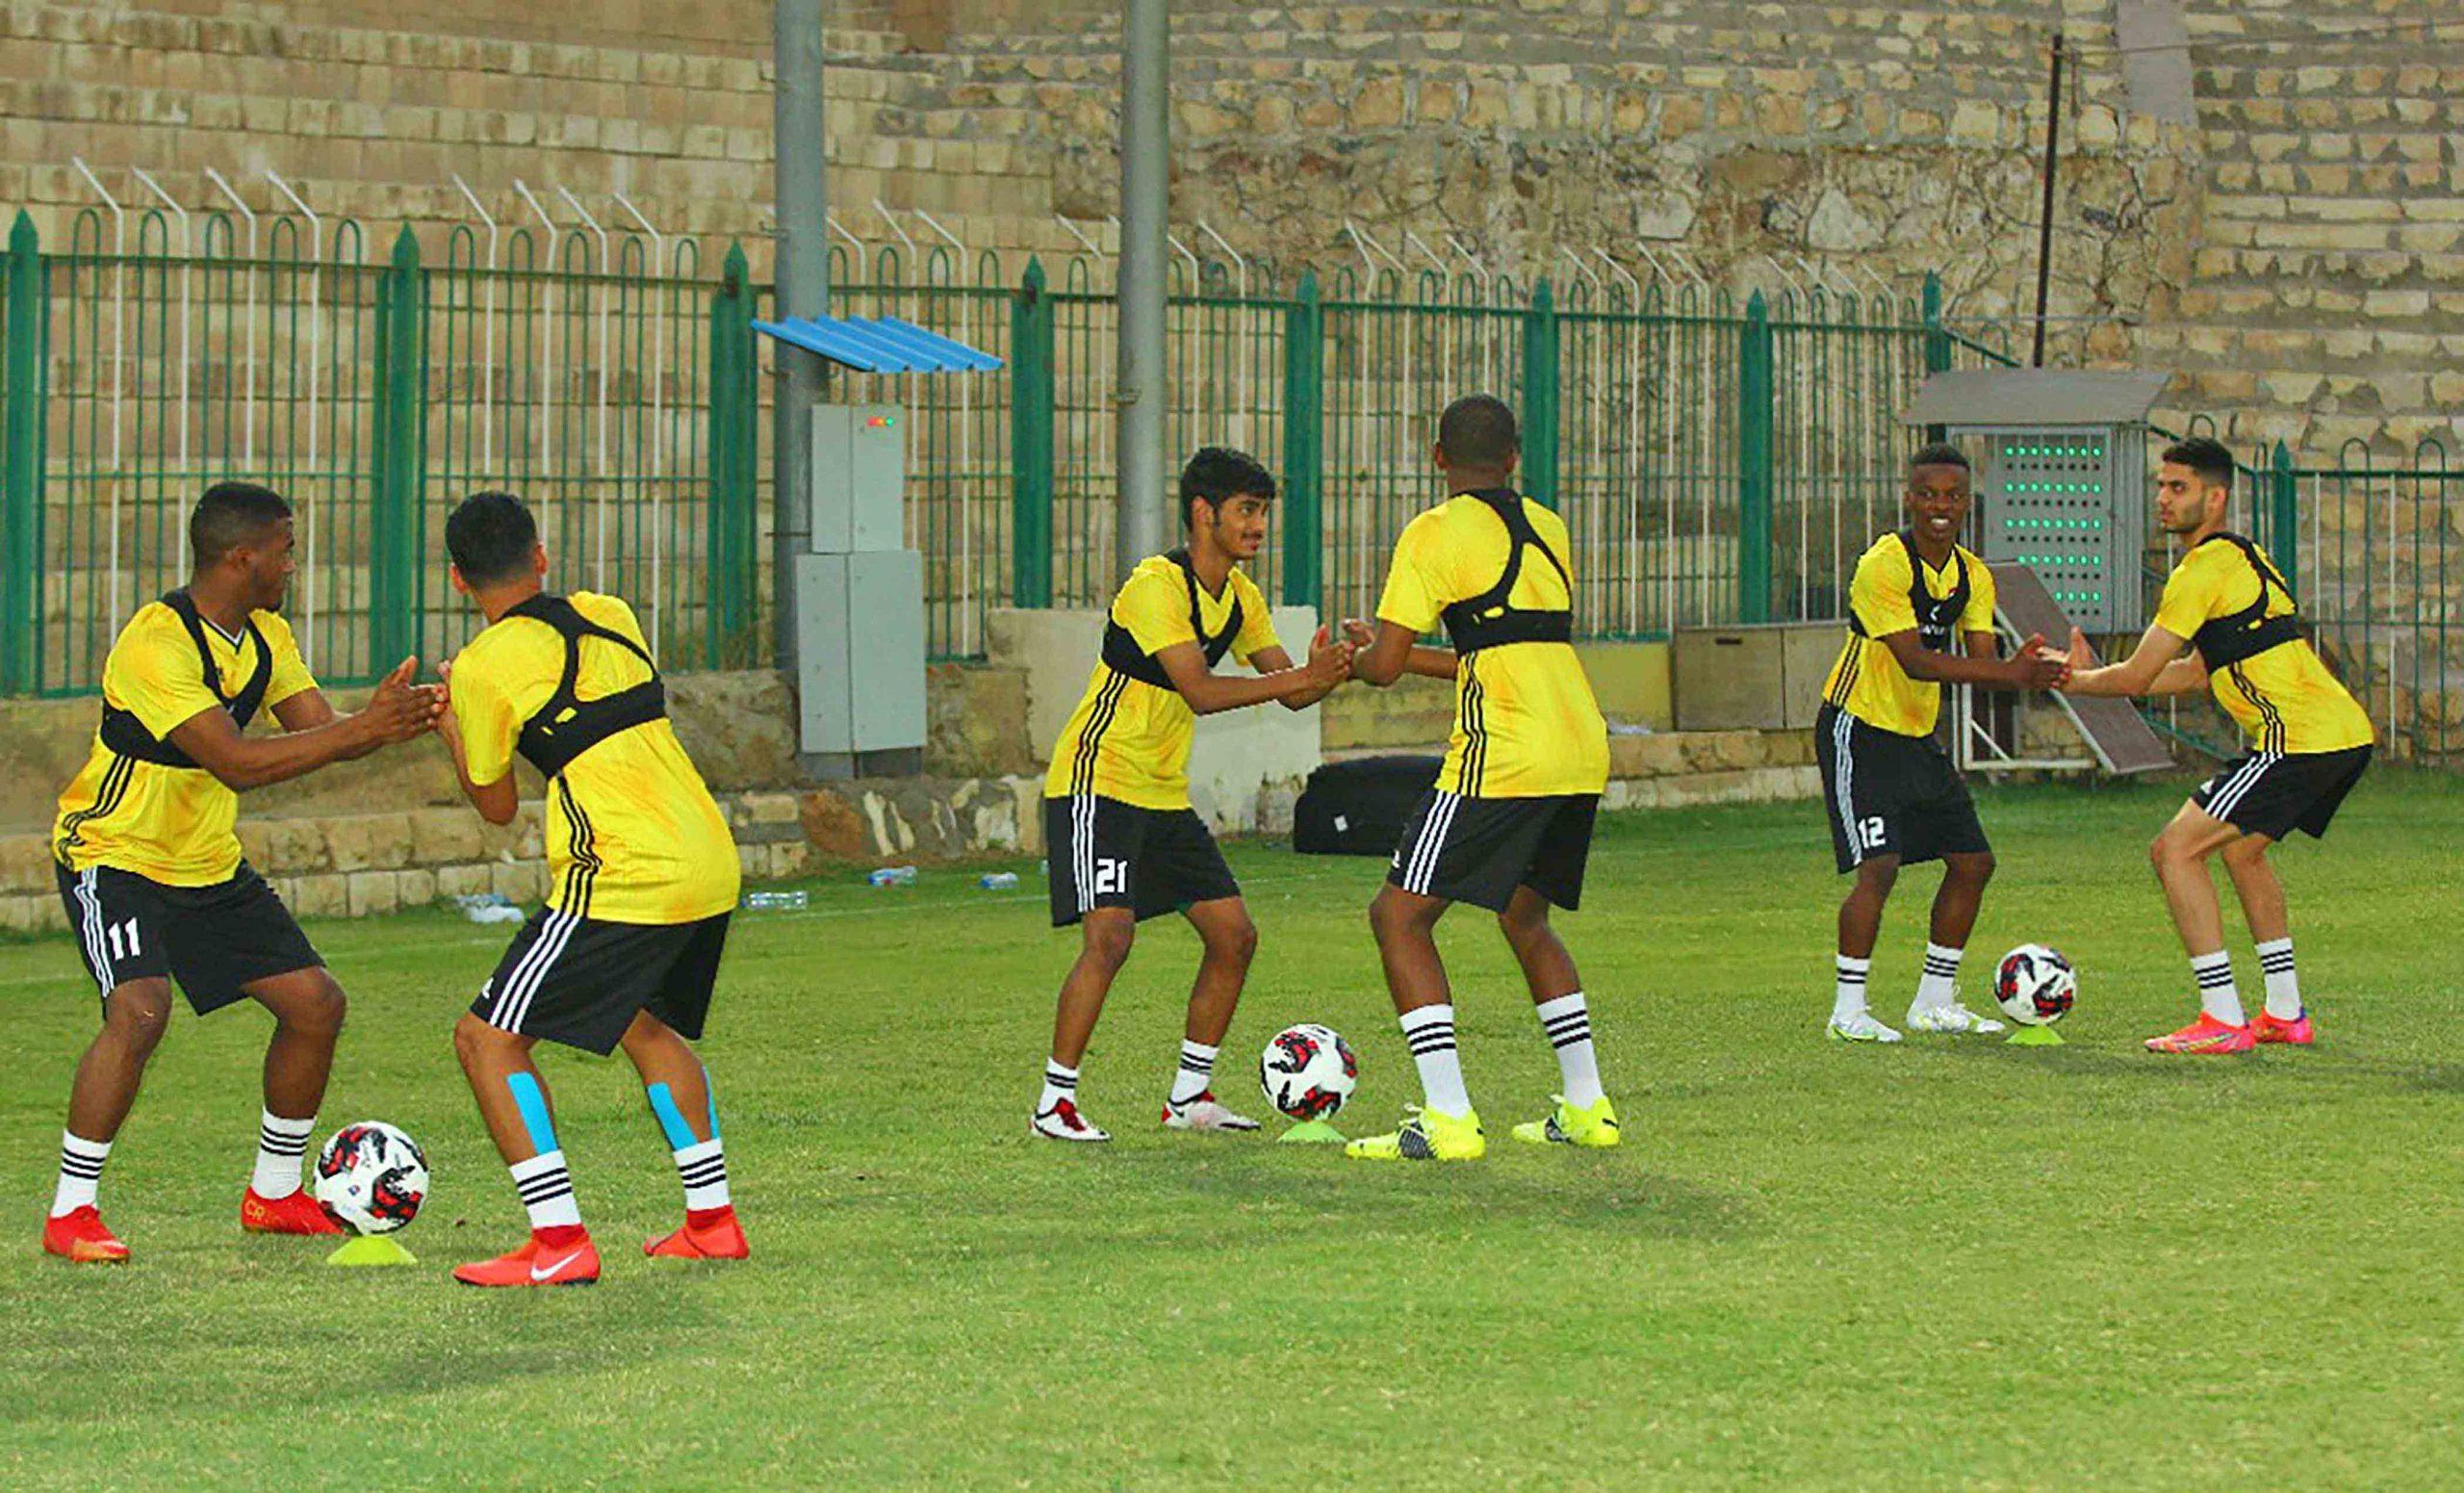 غدا .. أبيض الشباب يواجه طاجكستان في كأس العرب